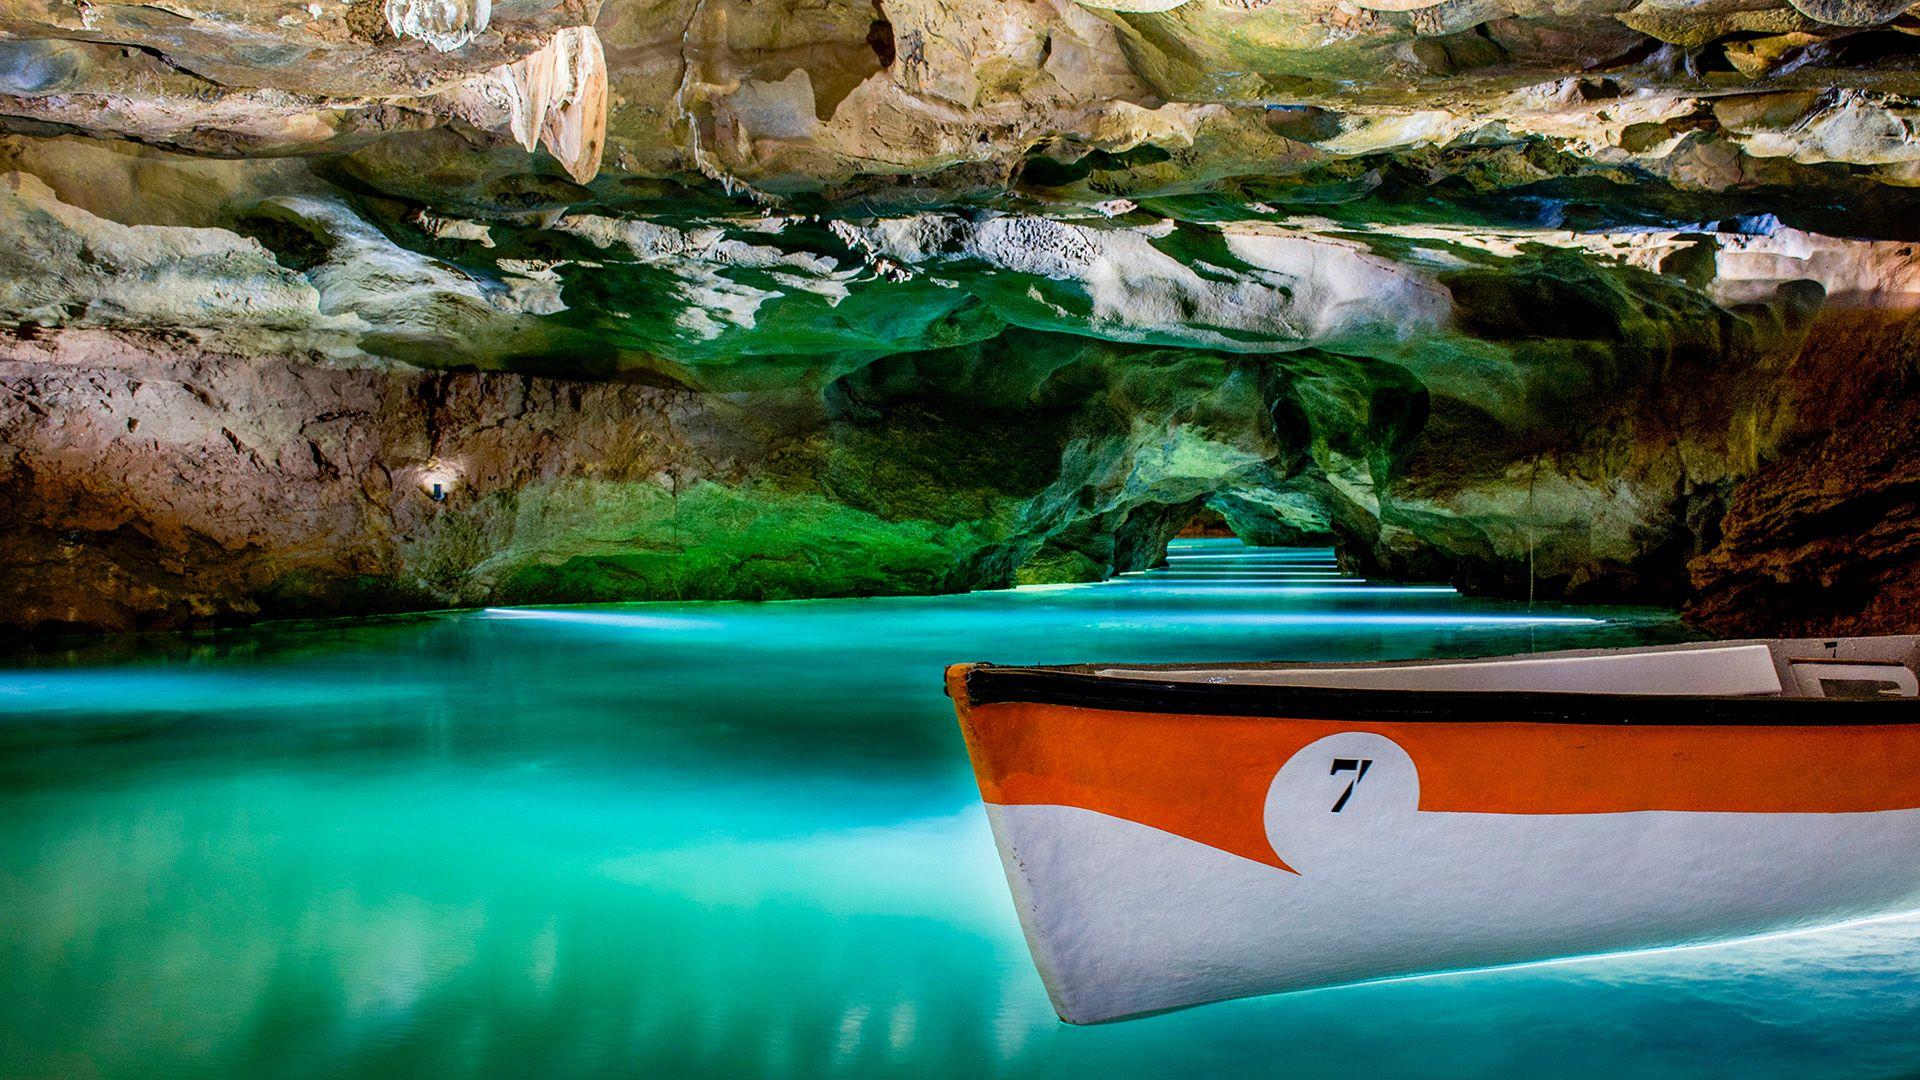 Guided Tour Saint Joseph Caves - Subterranean River